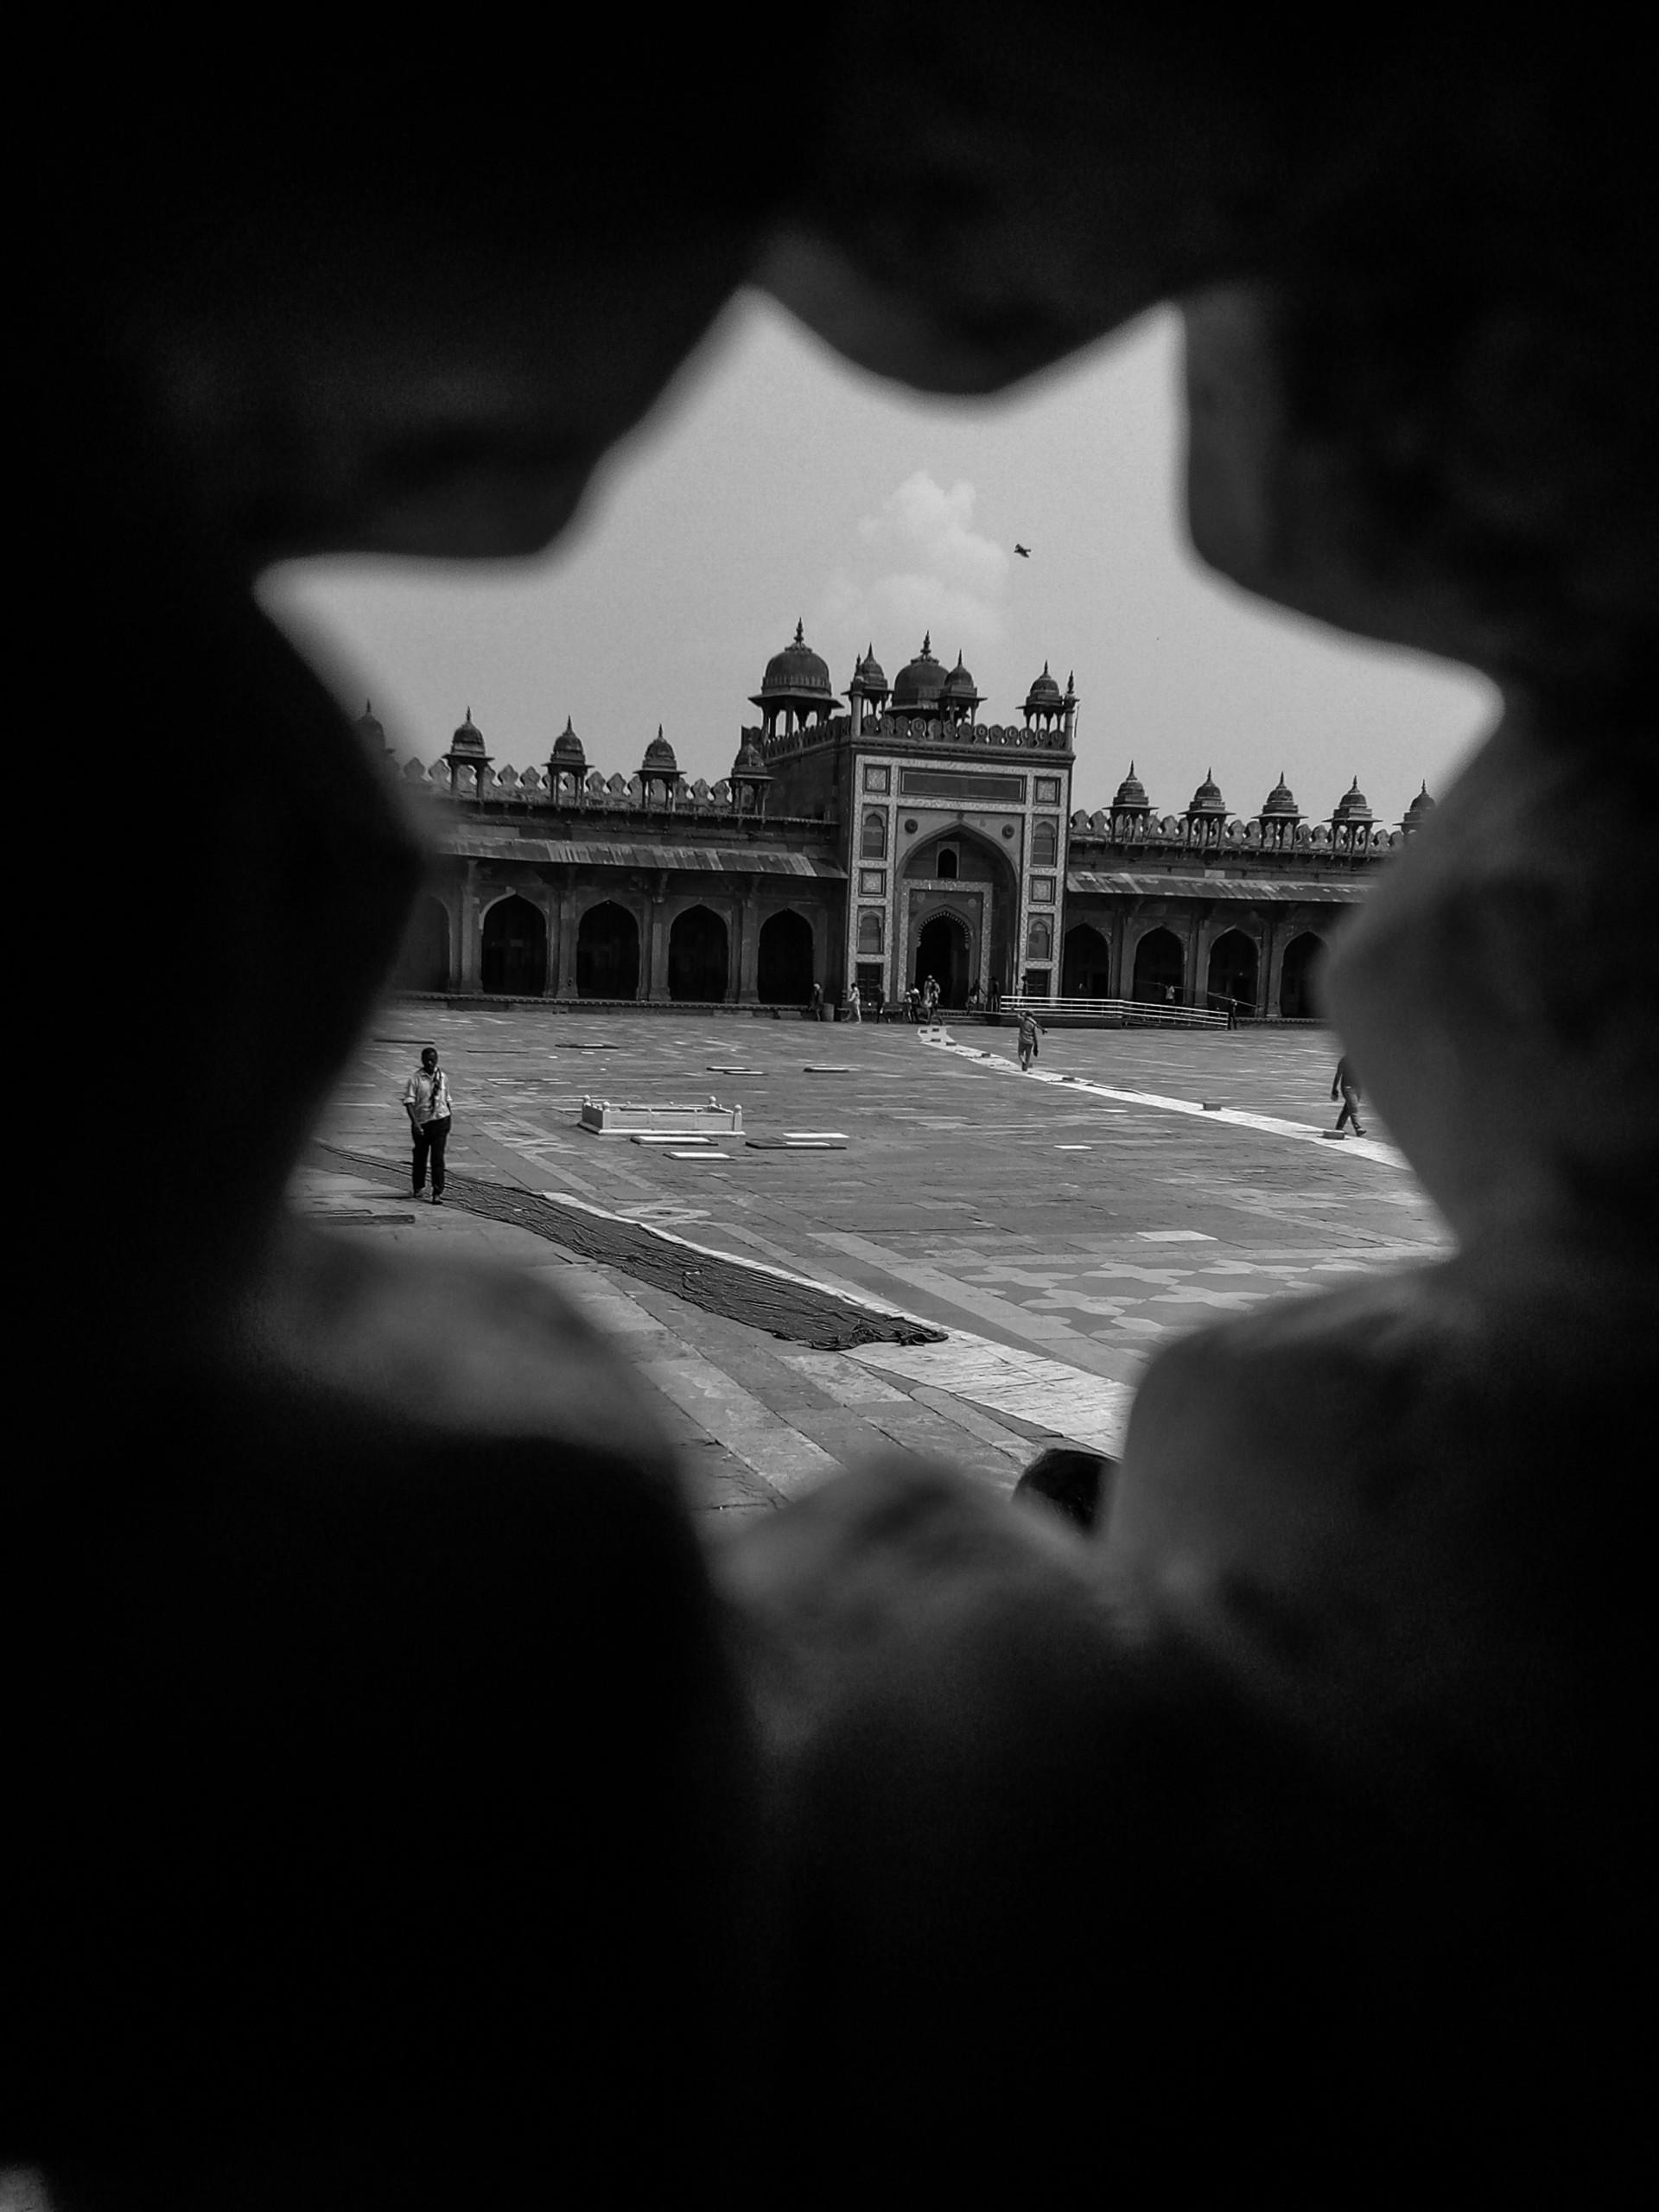 Fatehpur Sikri through a hole